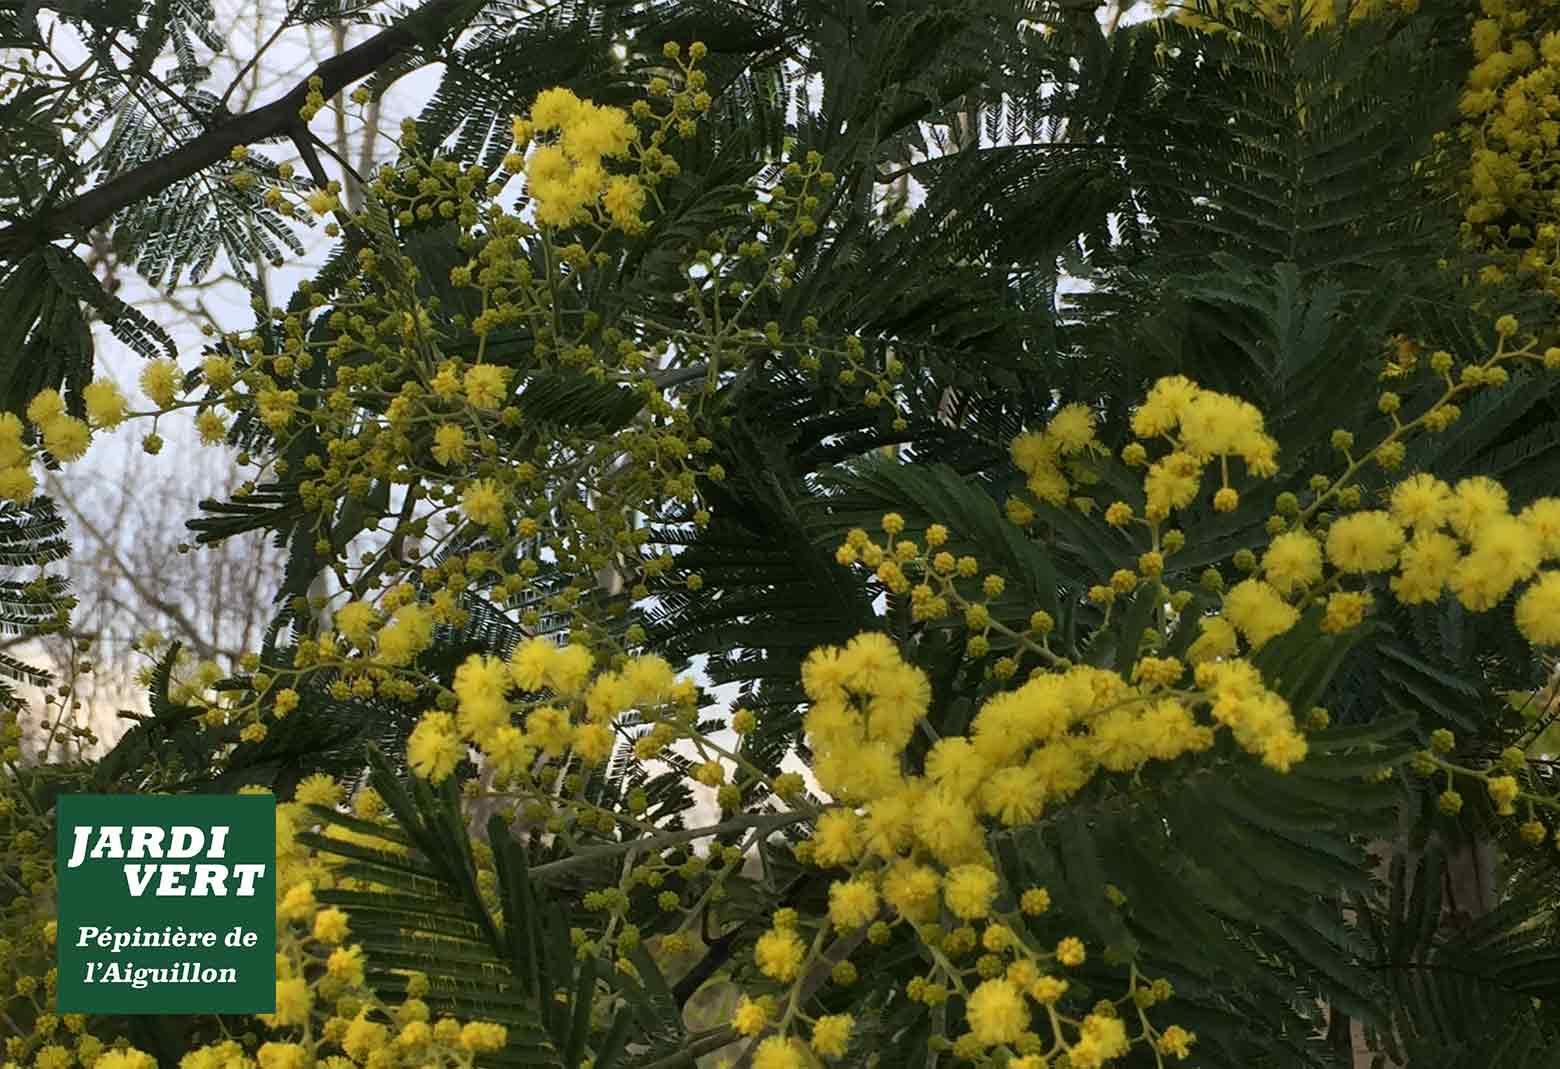 Vente de mimosa à fleurs jaunes - Pépinière de l'Aiguillon, jardinerie à Toulouse